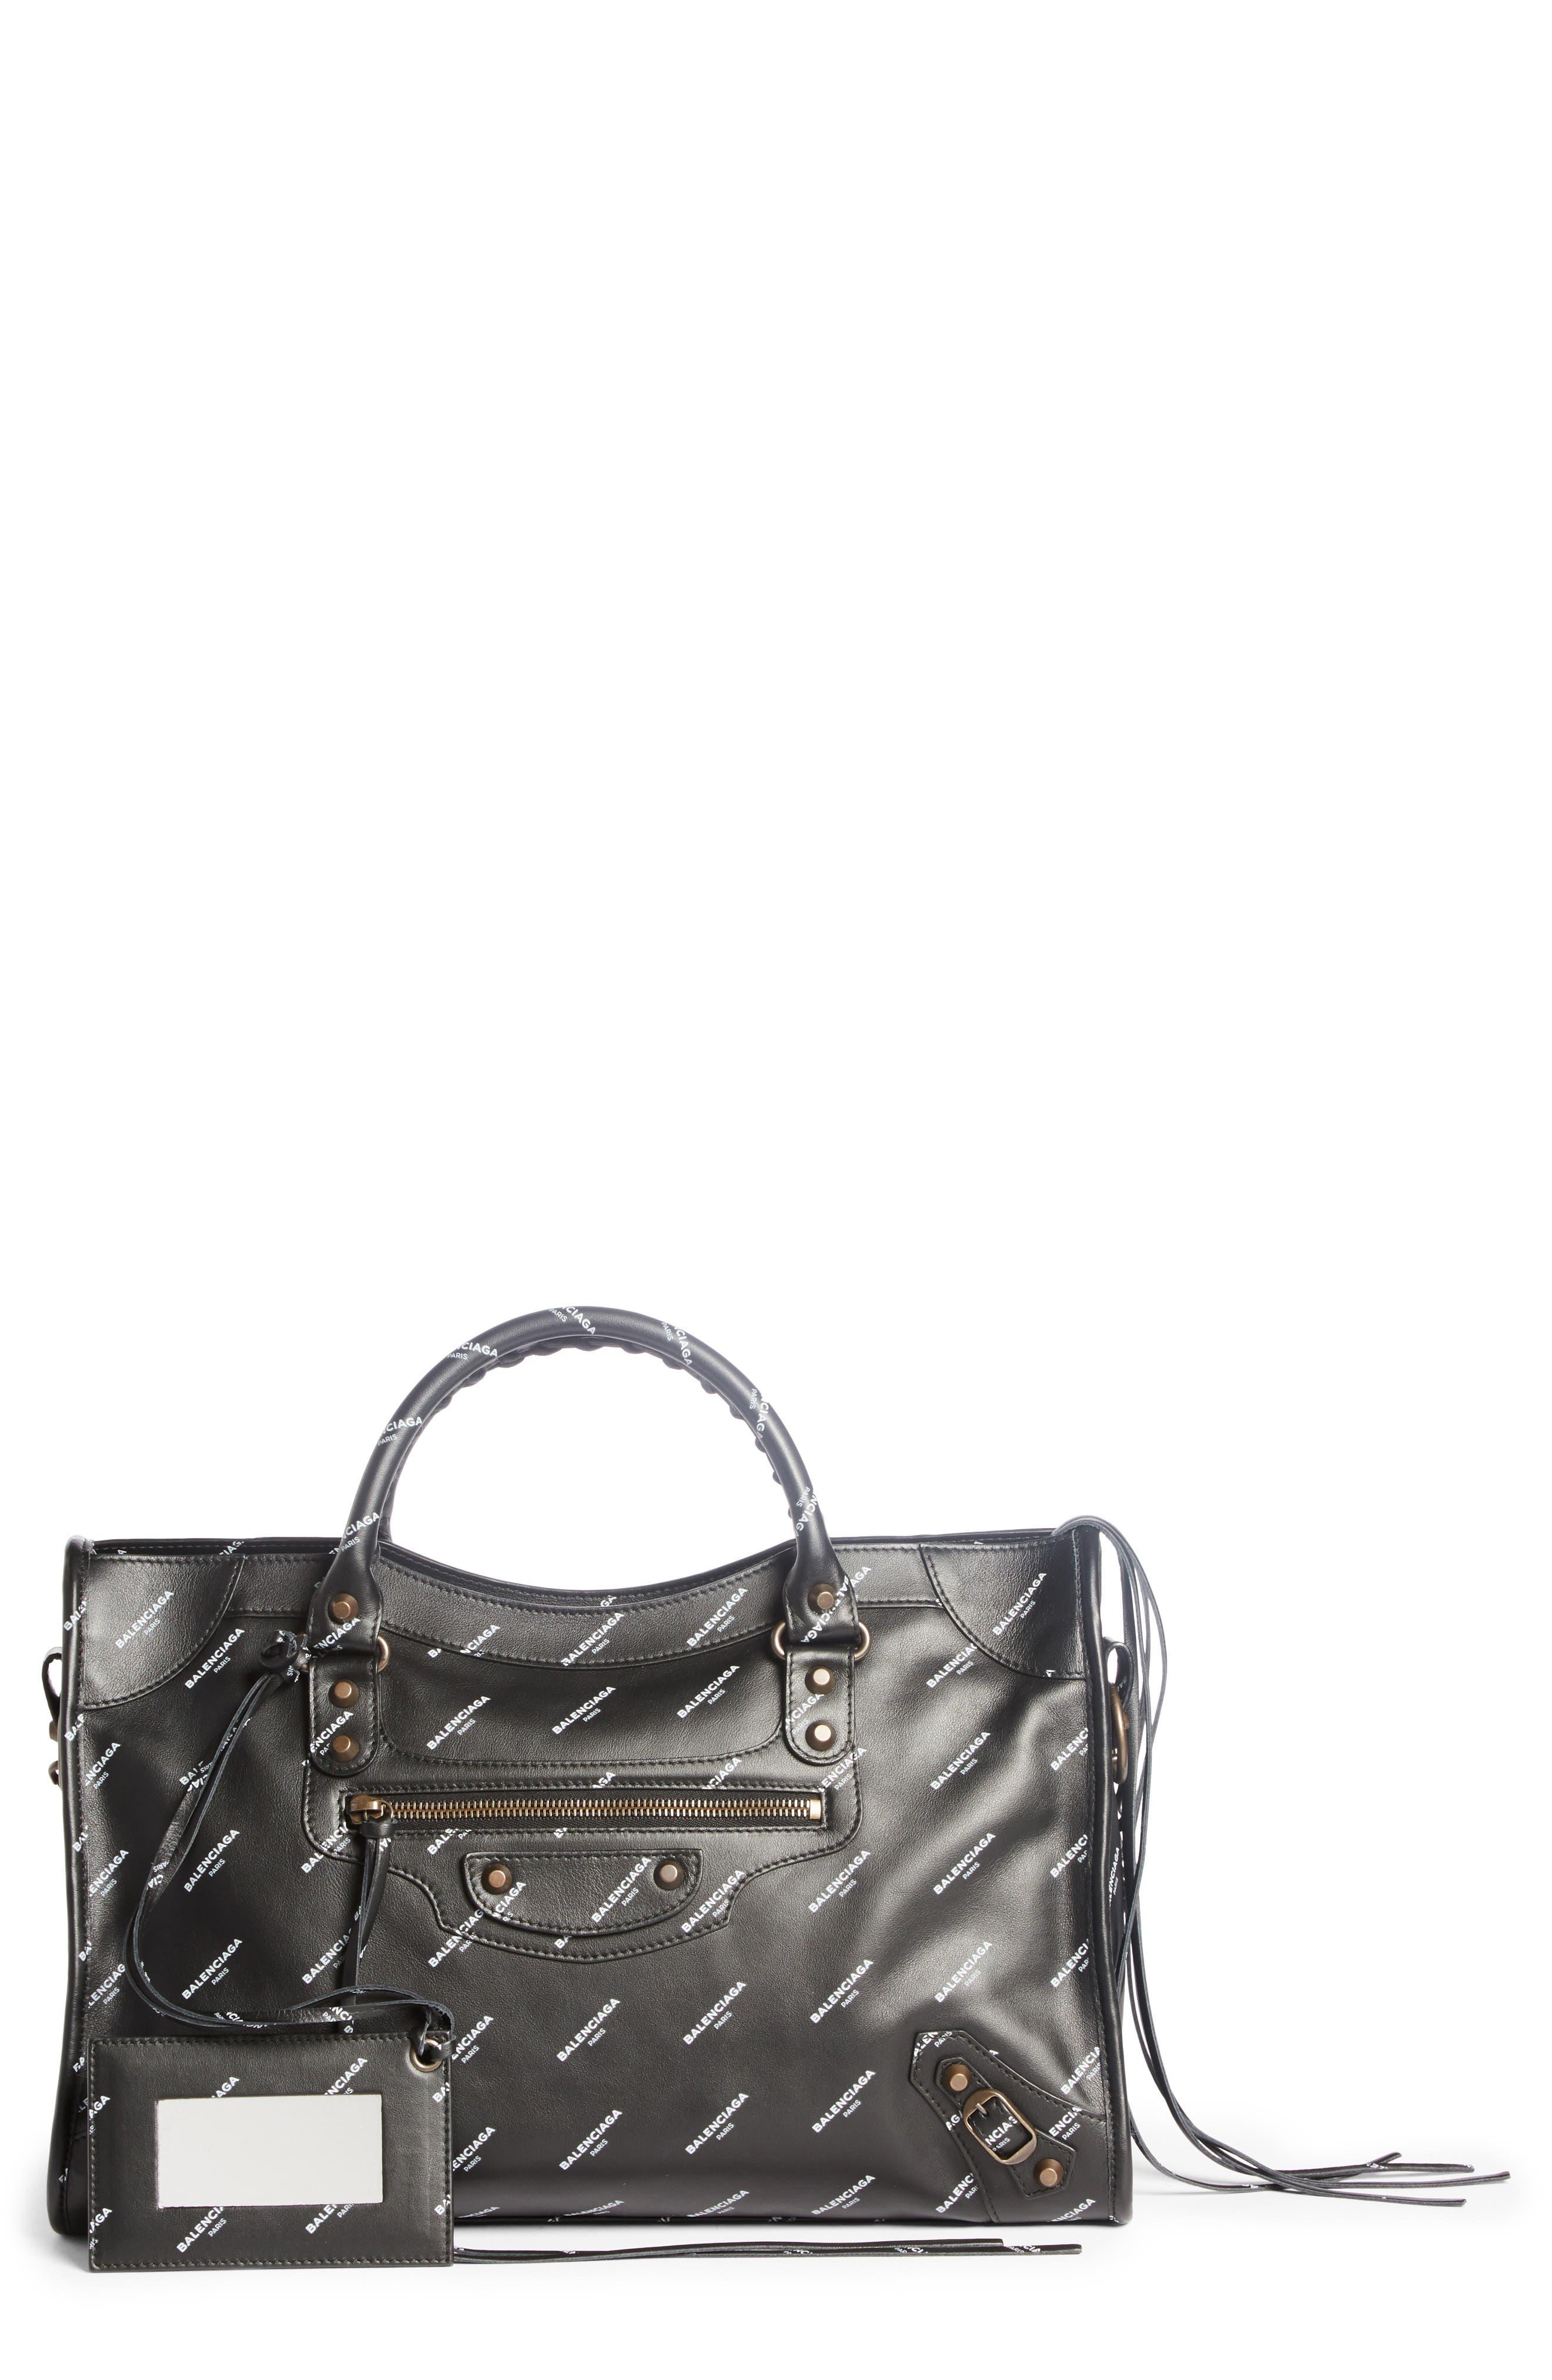 Main Image - Balenciaga Classic City Logo Leather Tote